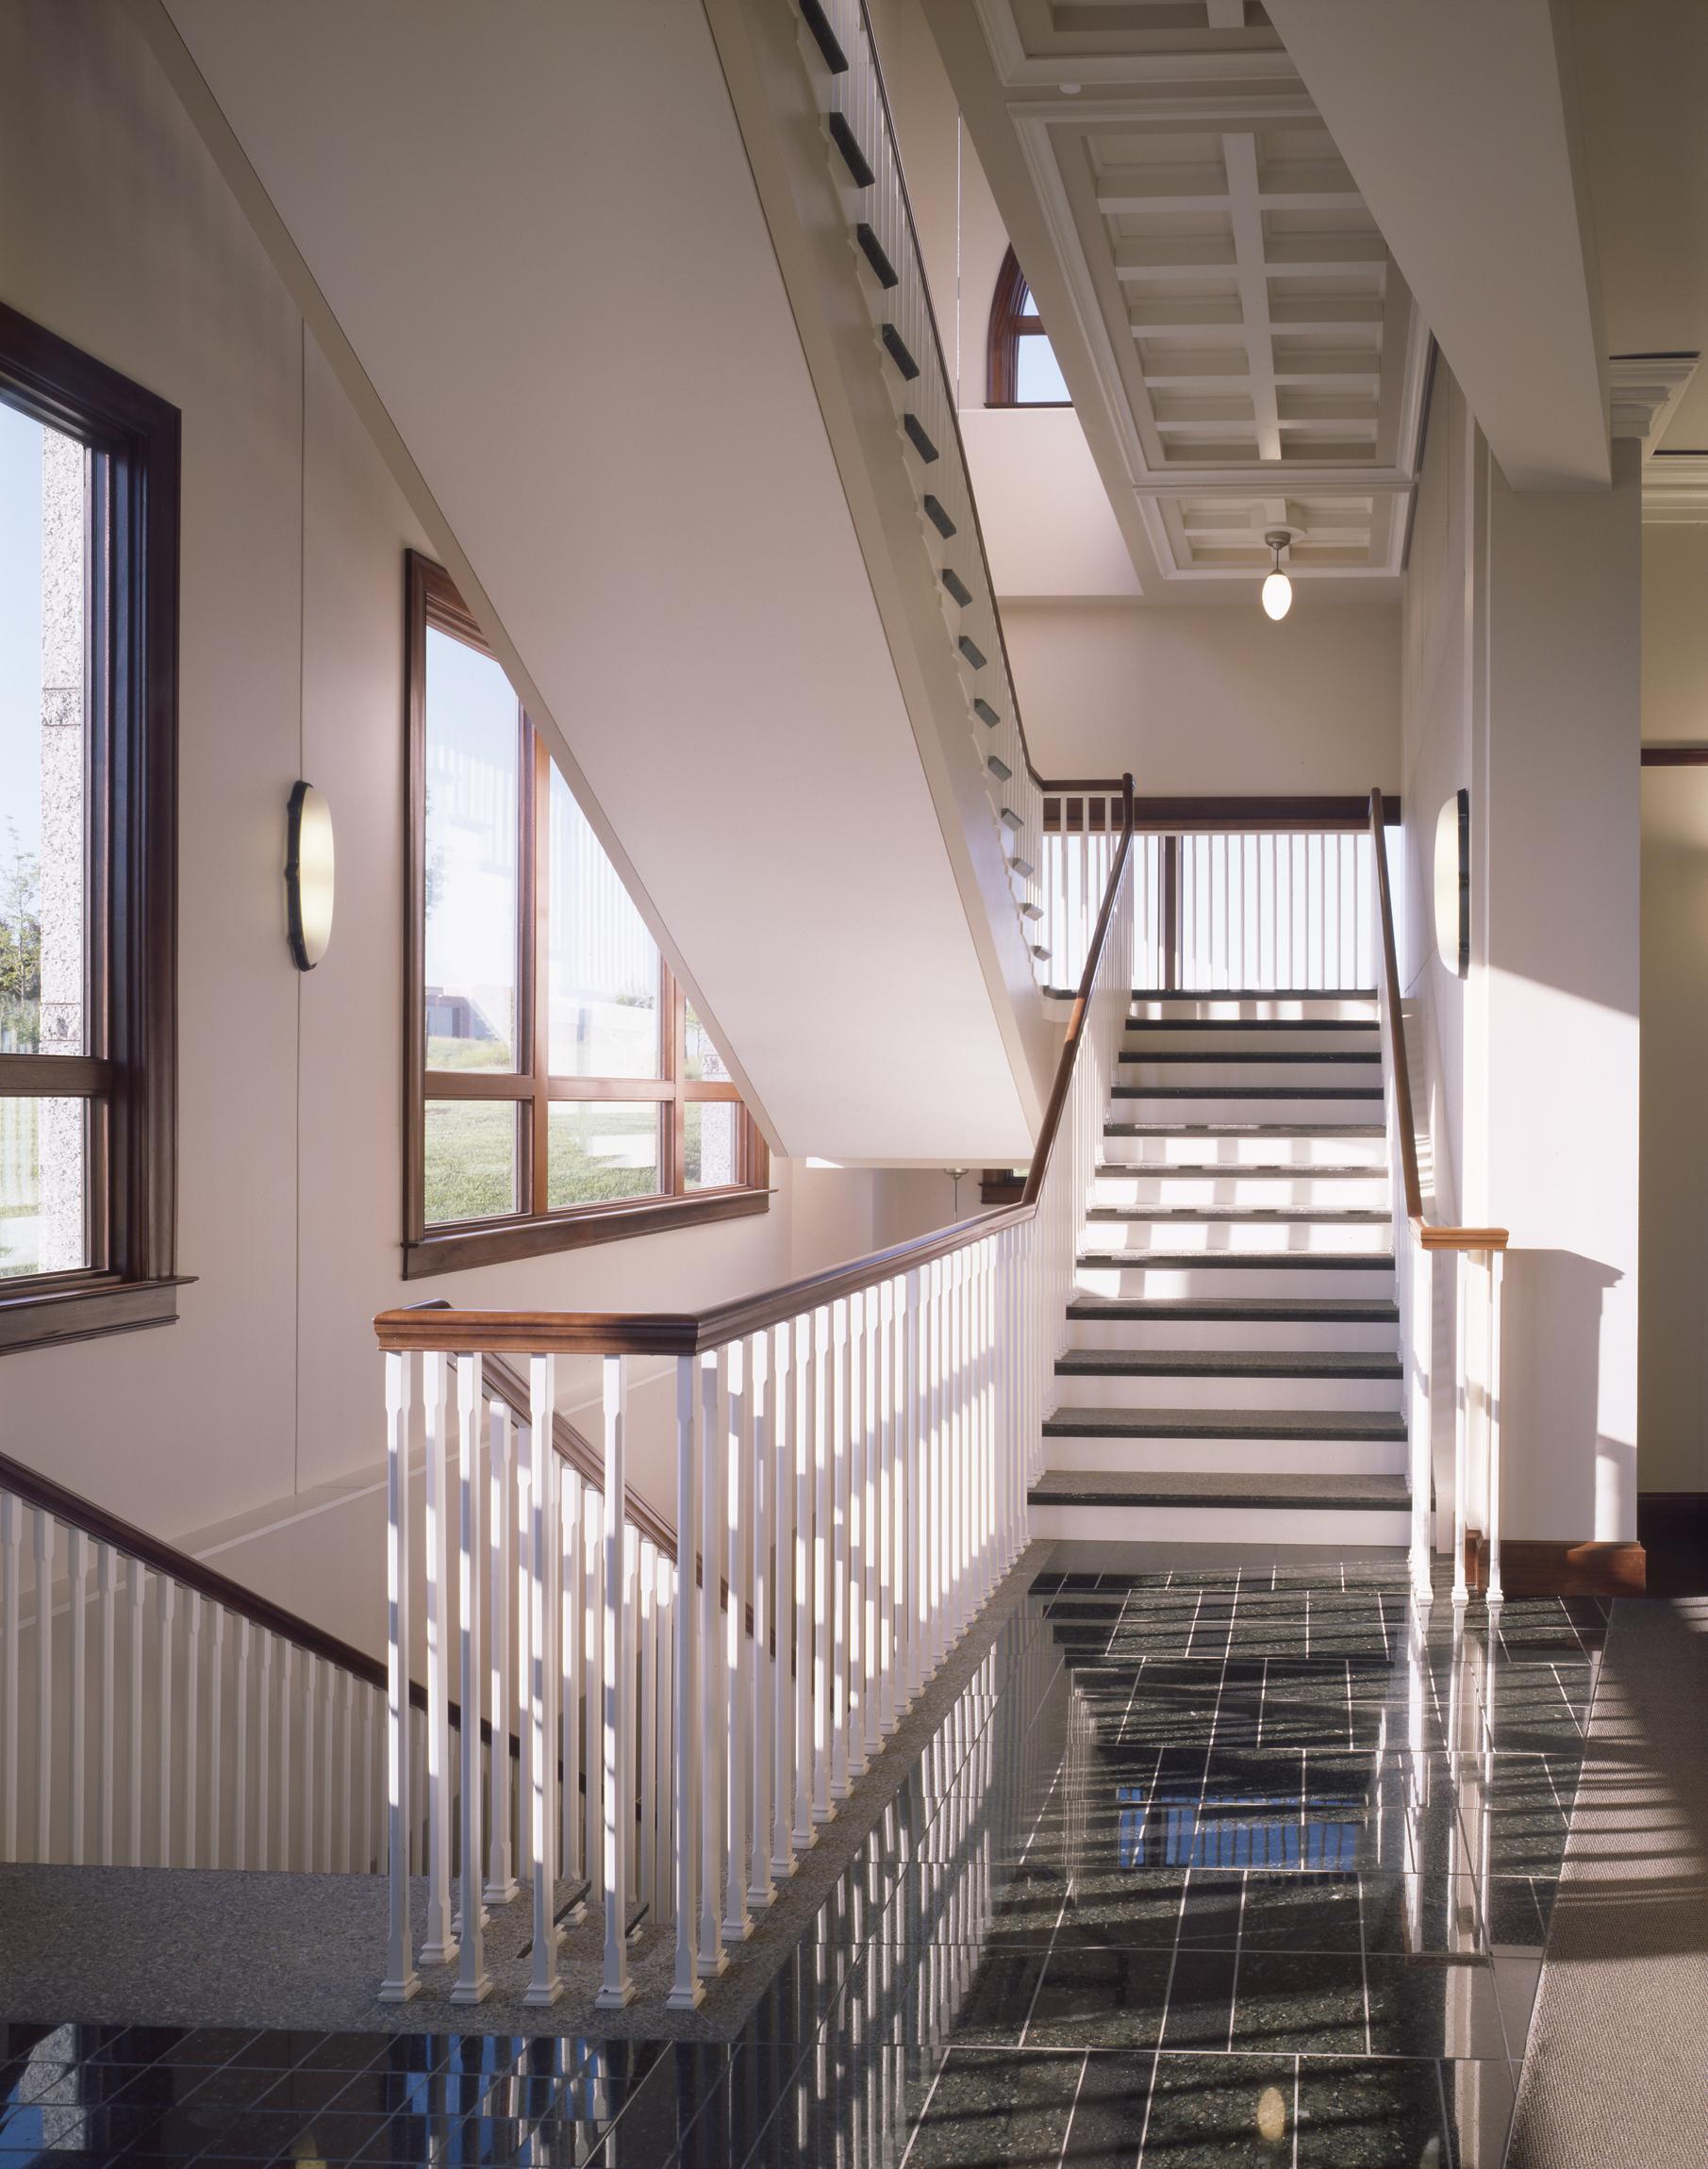 Lib_Stairwell_fl